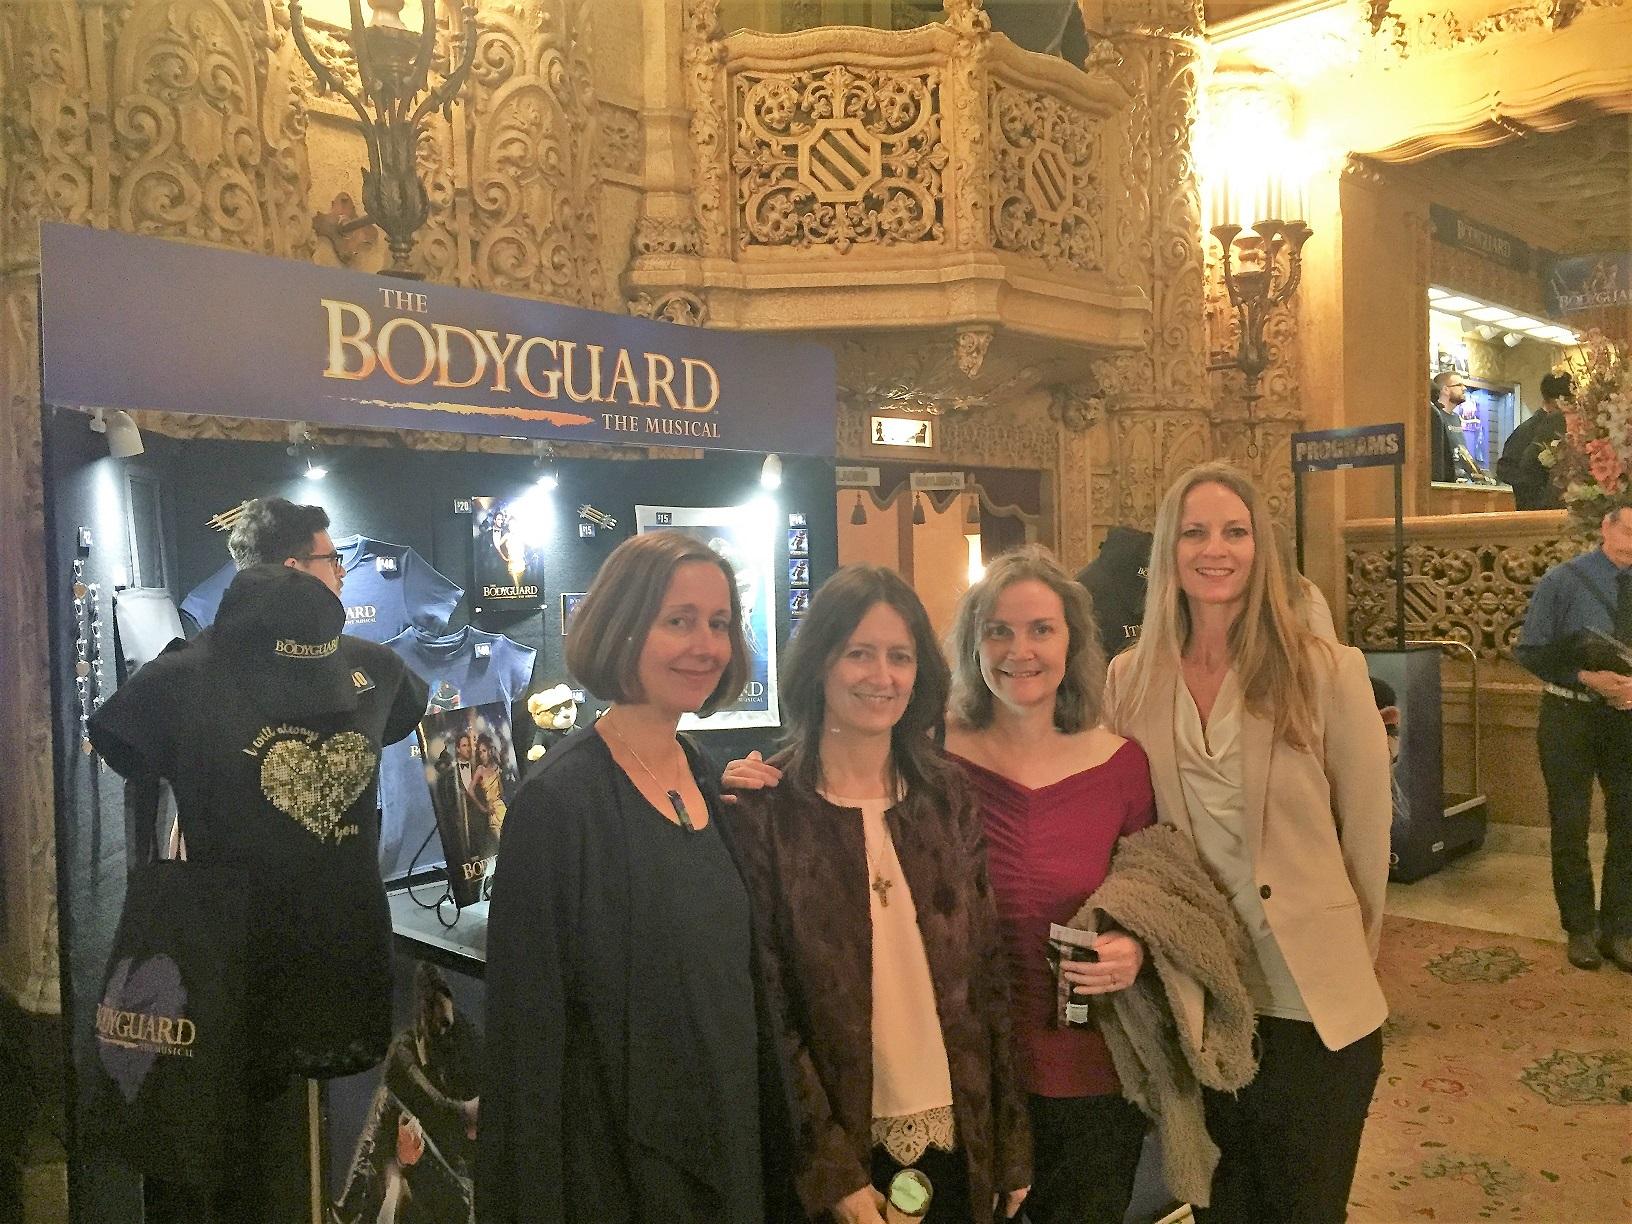 Bodyguard with Lynda